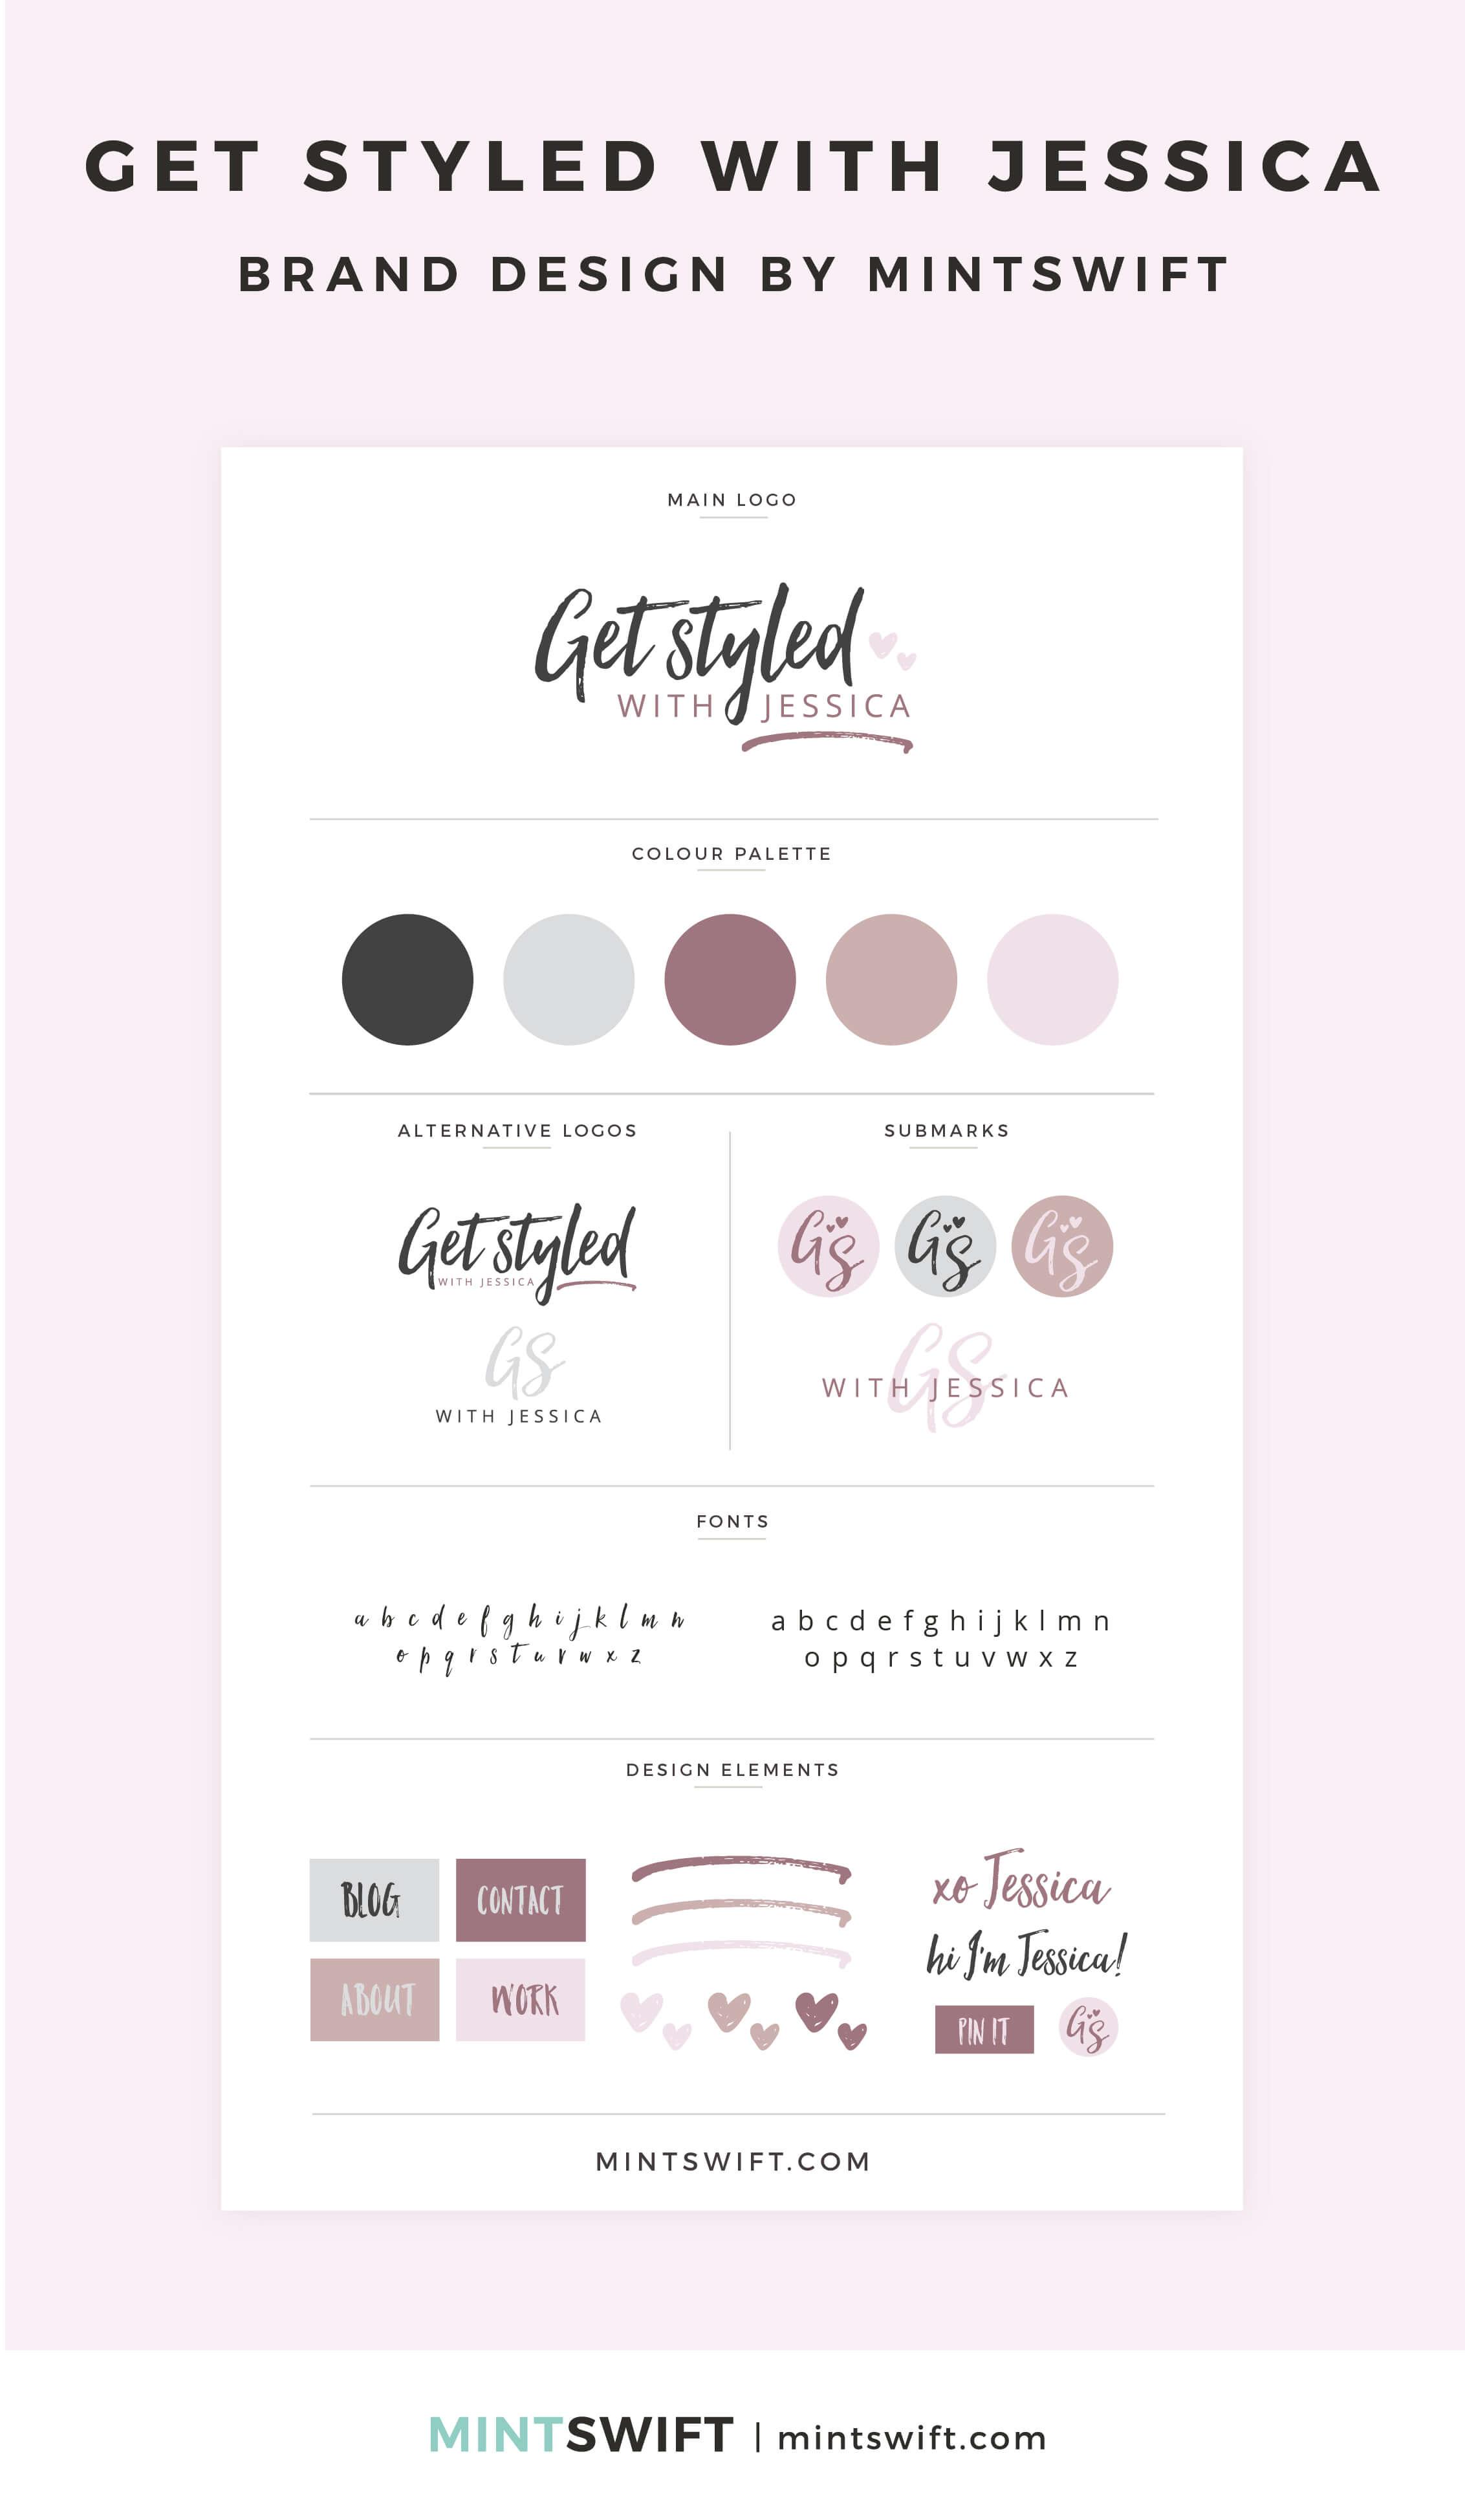 Get Styled with Jessica - Brand Design - MintSwift - Adrianna Leszczynska